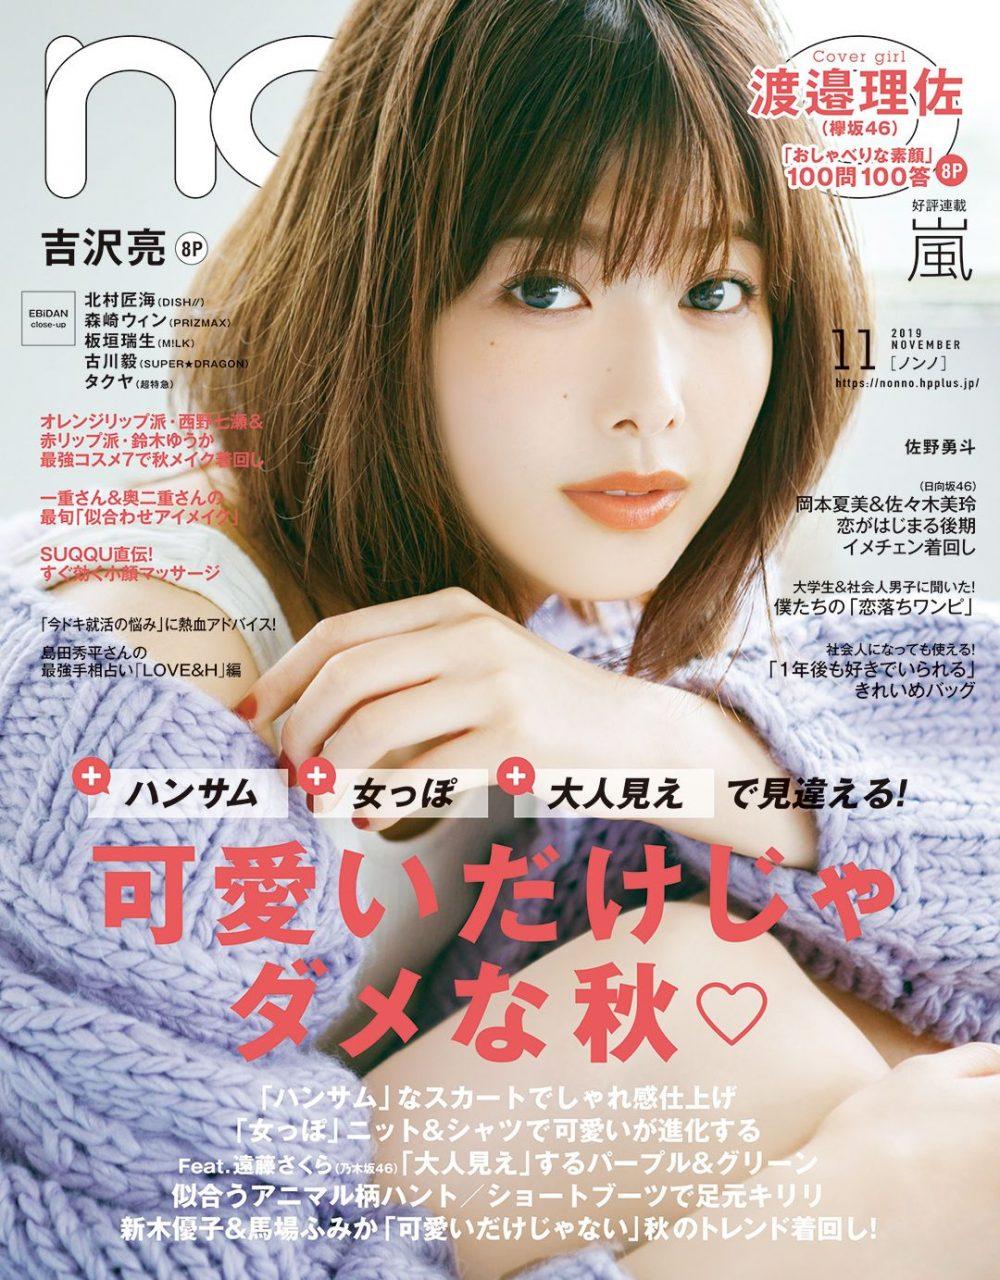 欅坂46 渡邉理佐、表紙掲載!「non-no 2019年11月号」9/20発売!